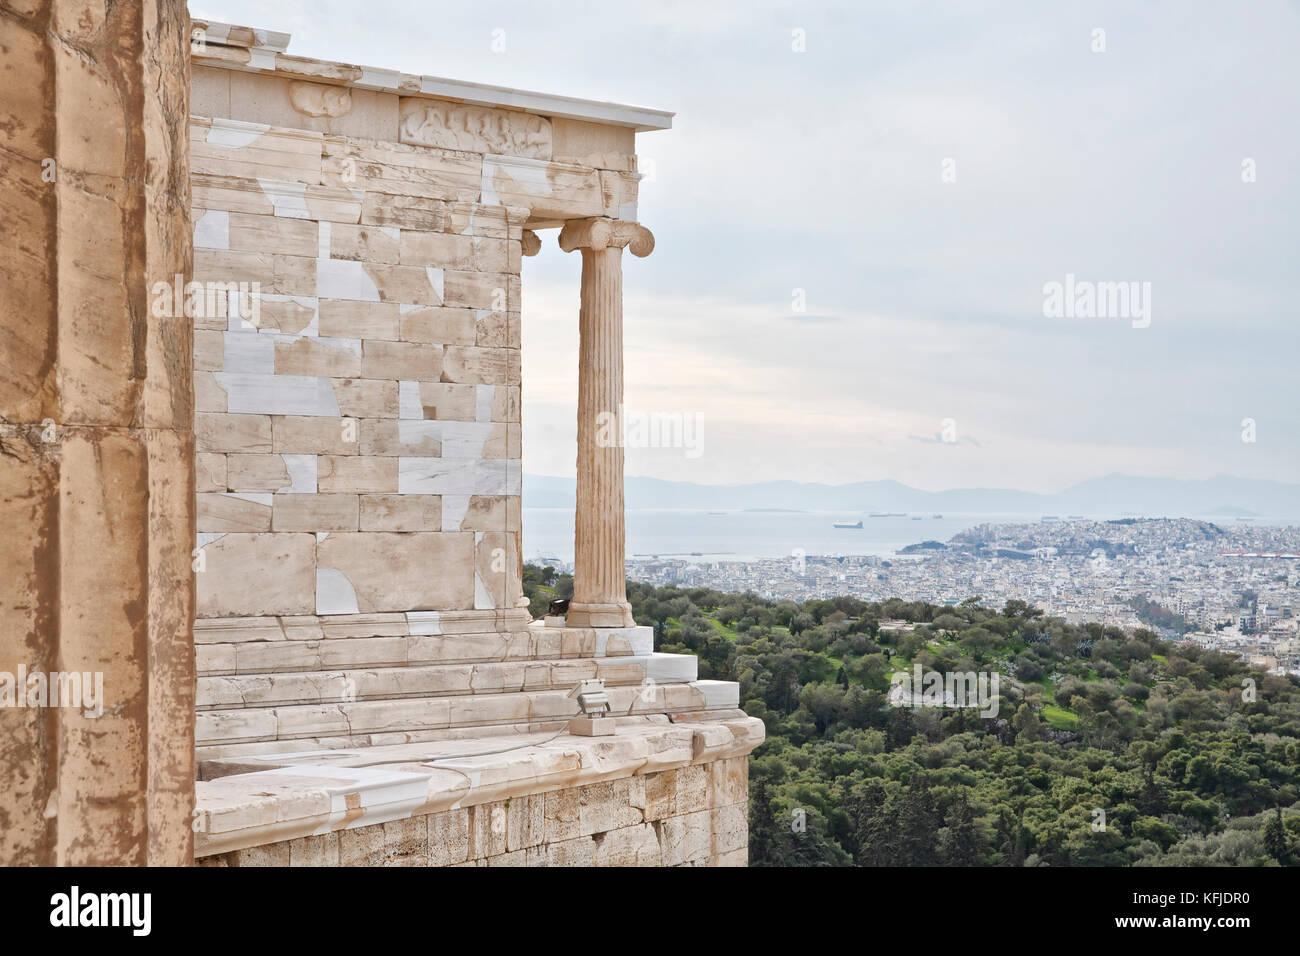 Vue depuis l'acropole d'Athènes sur le golfe Saronique et le port du Pirée. Le Pirée est Photo Stock